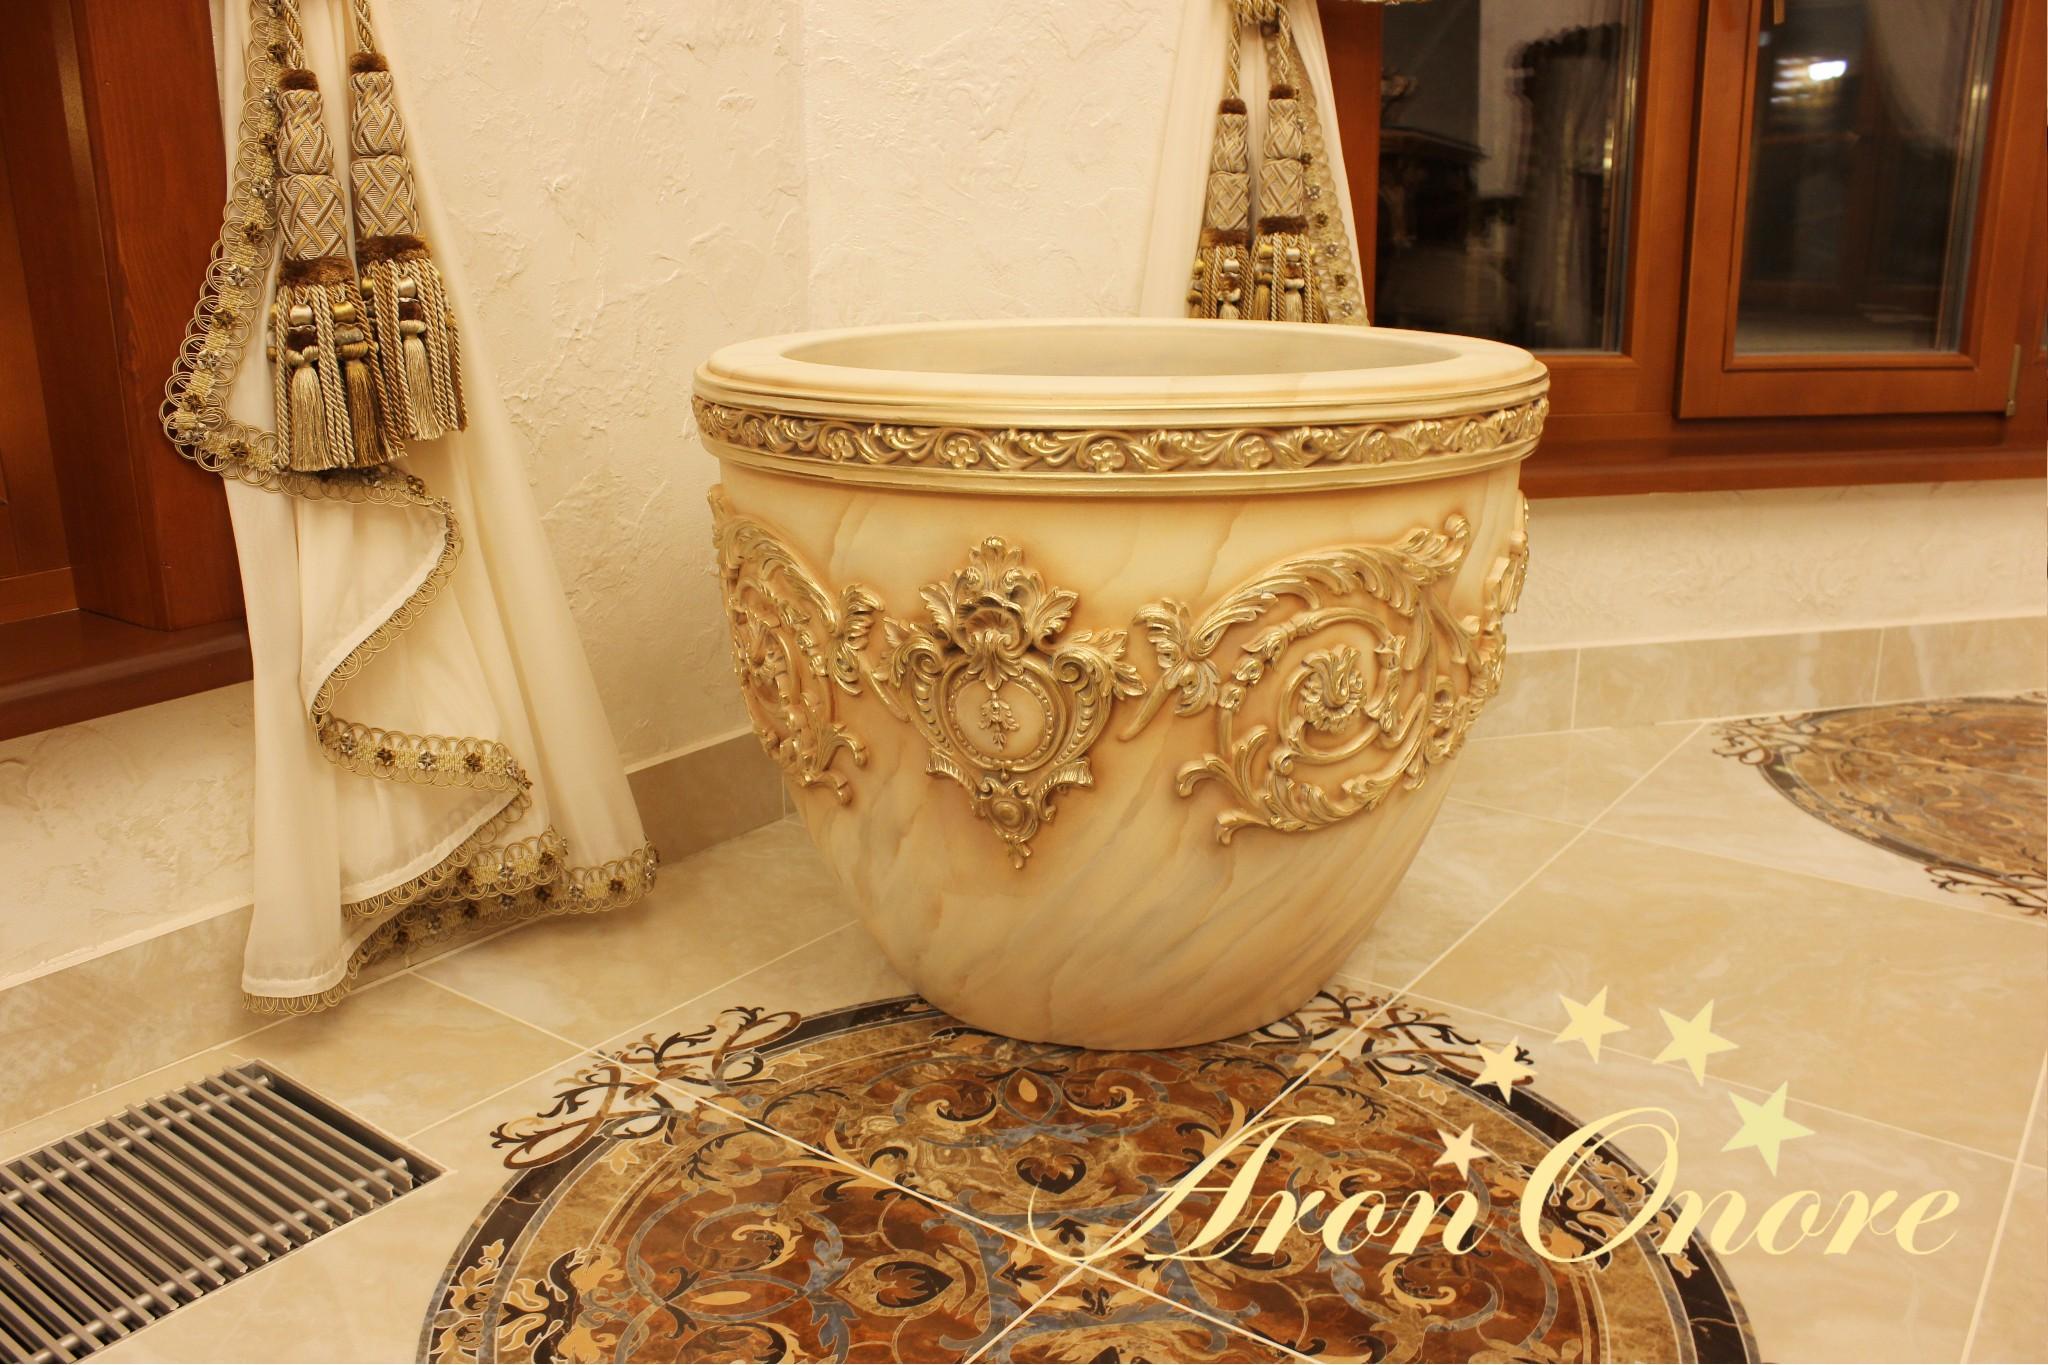 декорирование ваз с золочением от Арона Оноре